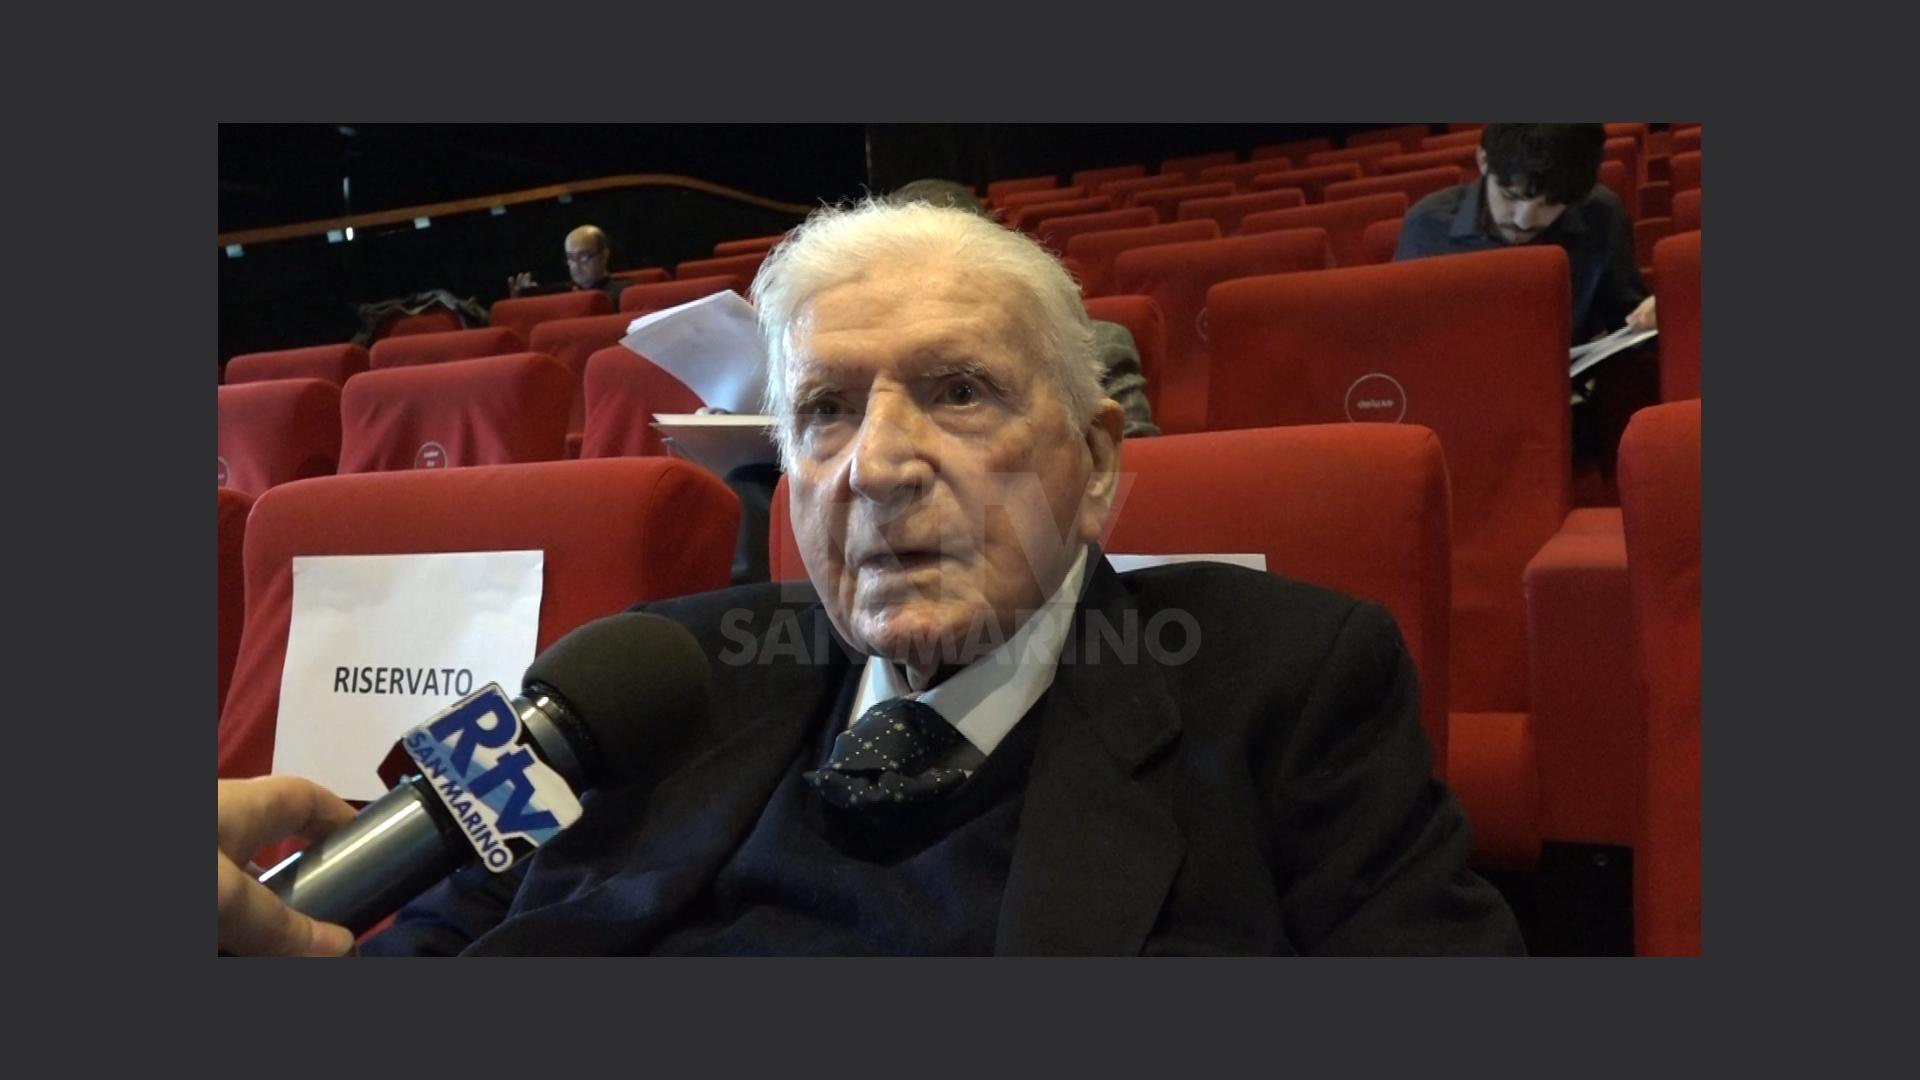 E' morto Sergio Zavoli: ha fatto la Storia del giornalismo italiano